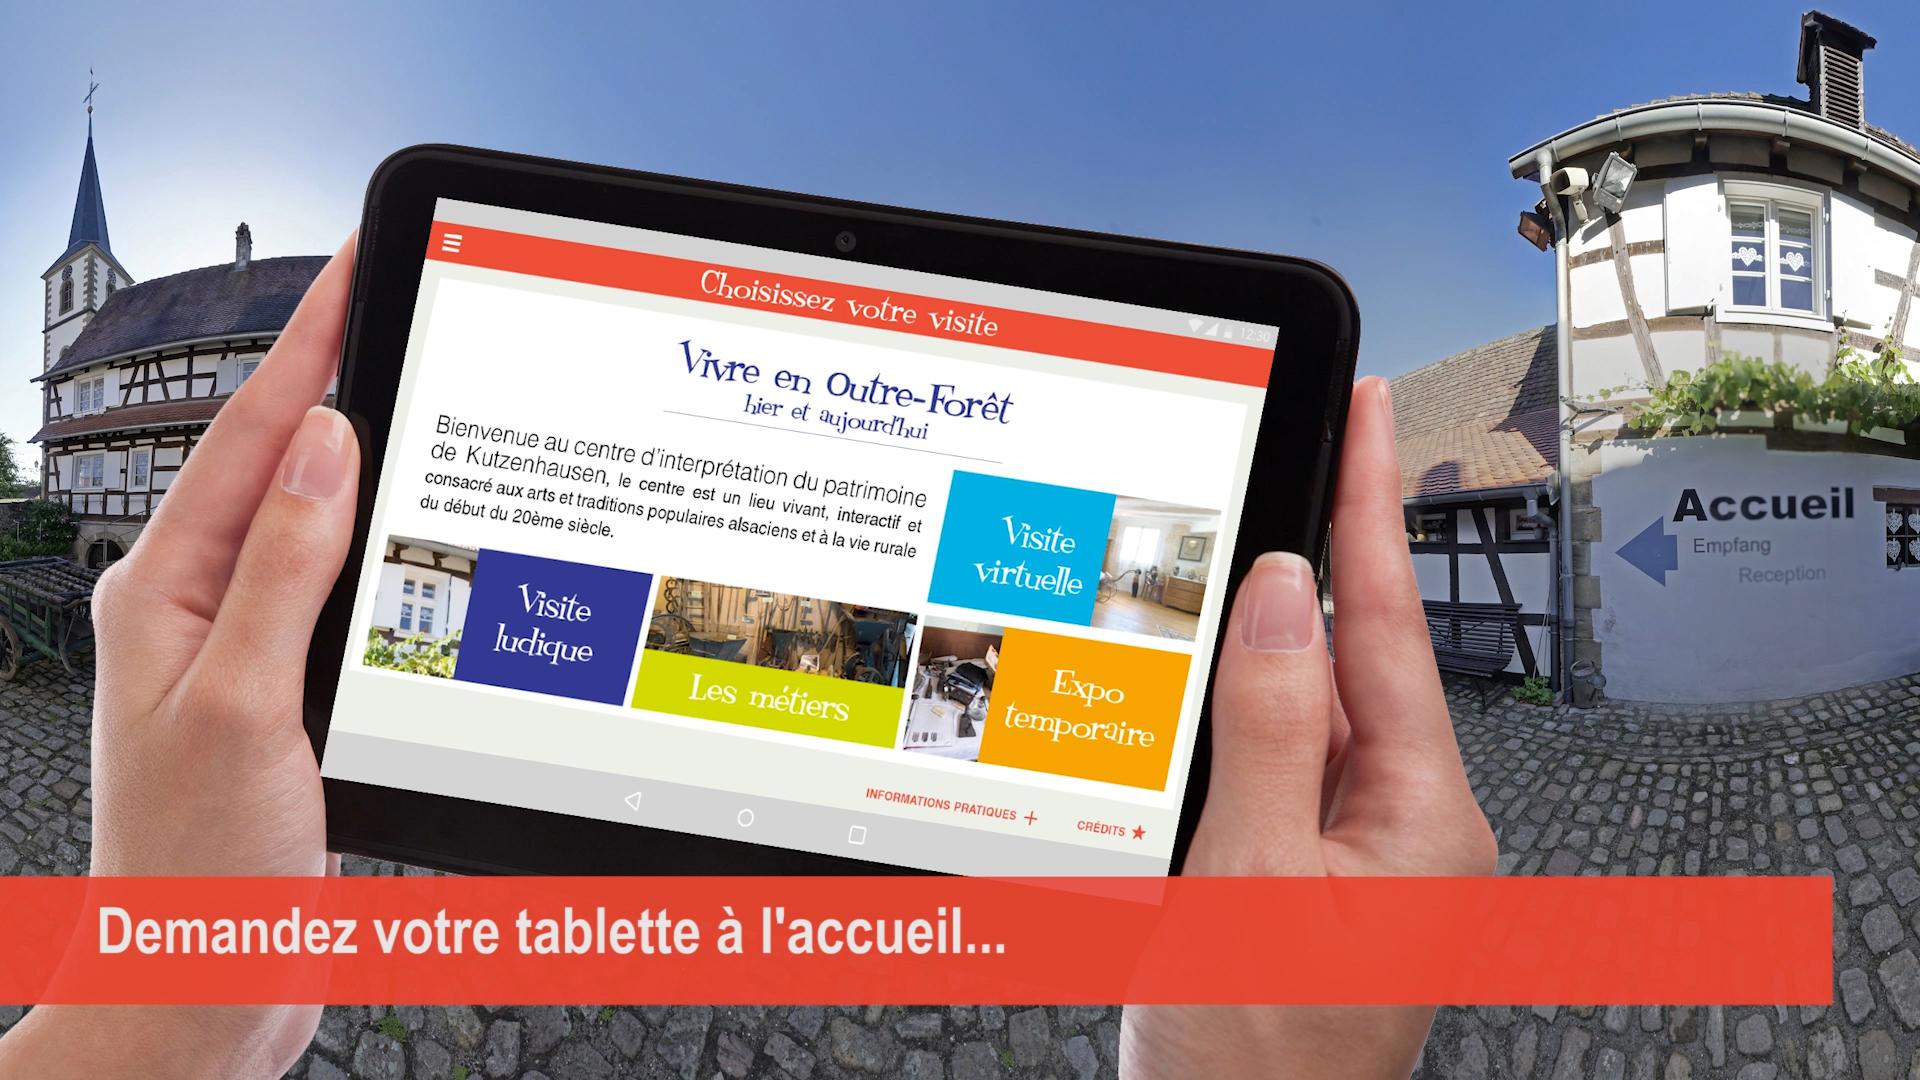 N'hésitez pas à demander une tablette à l'accueil